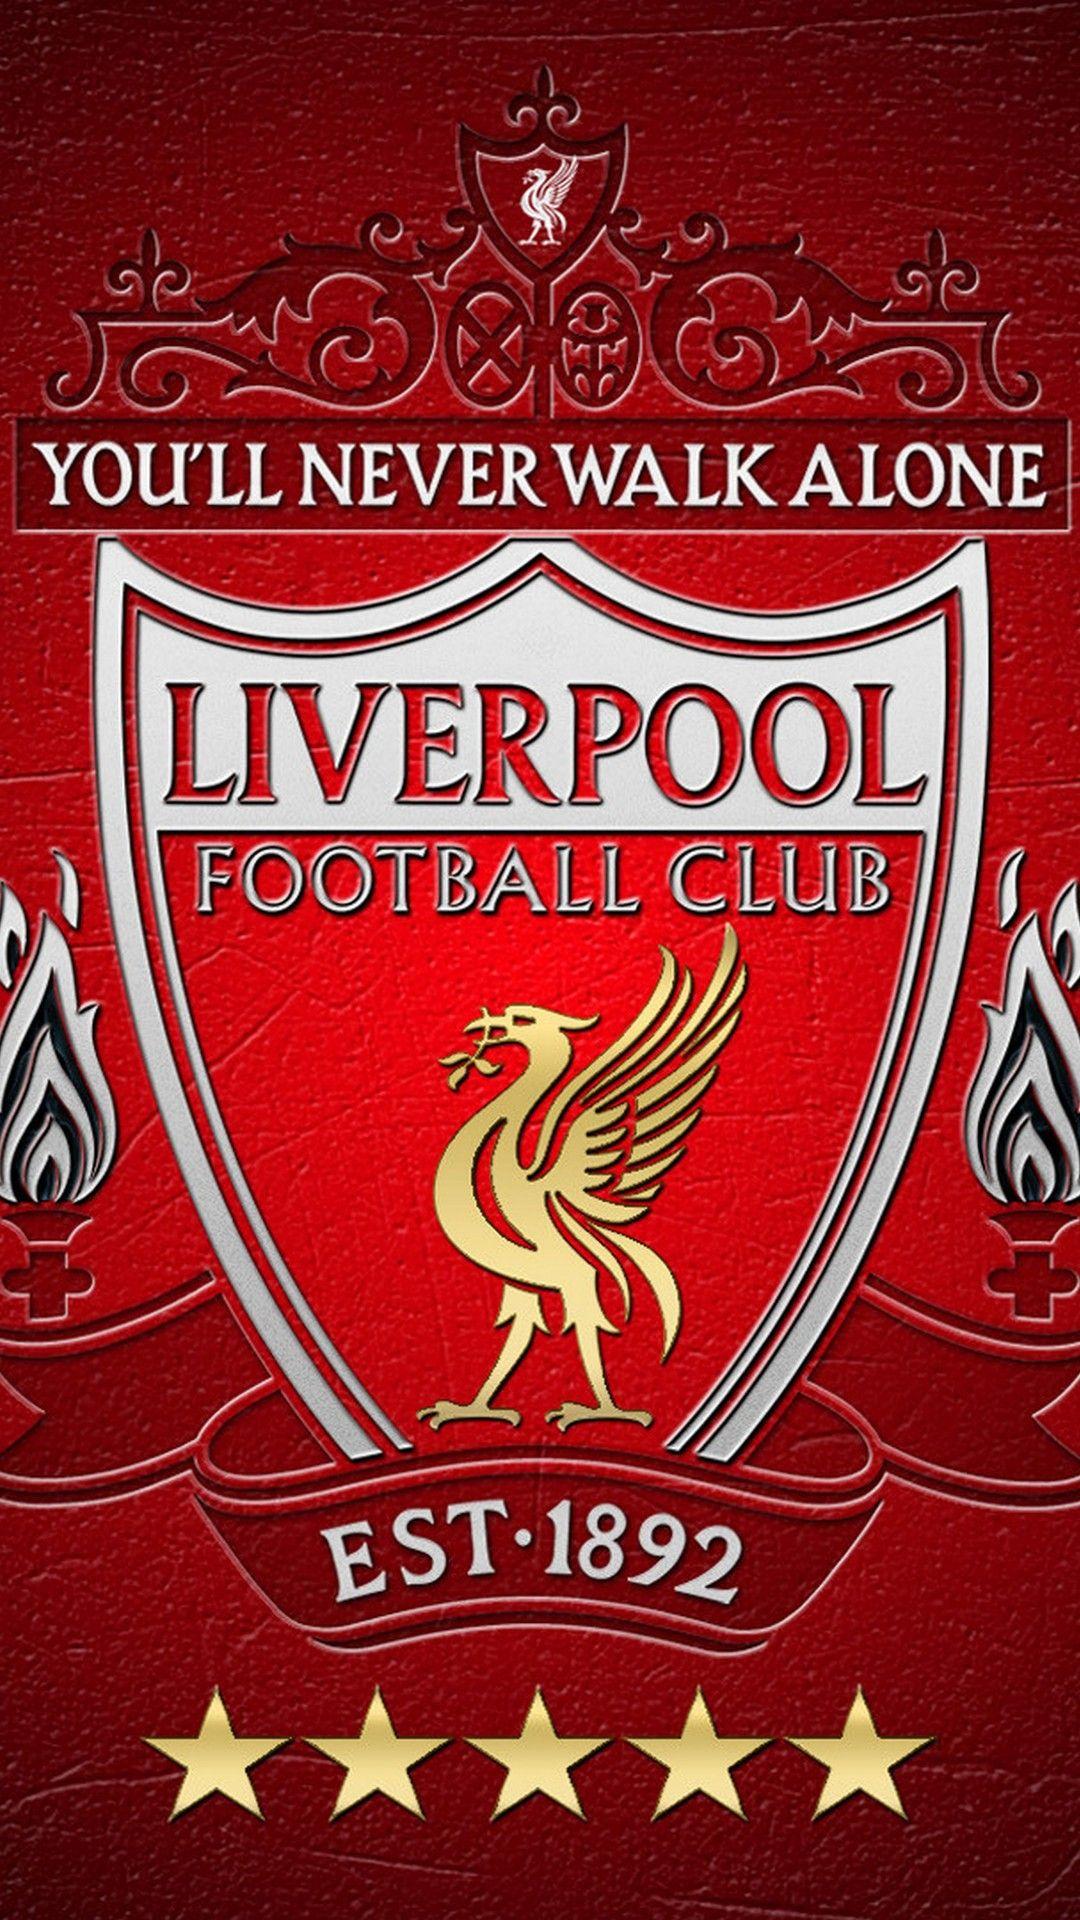 Wallpaper Iphone Liverpool Best Iphone Wallpaper Sepak Bola Olahraga Gambar Sepak Bola